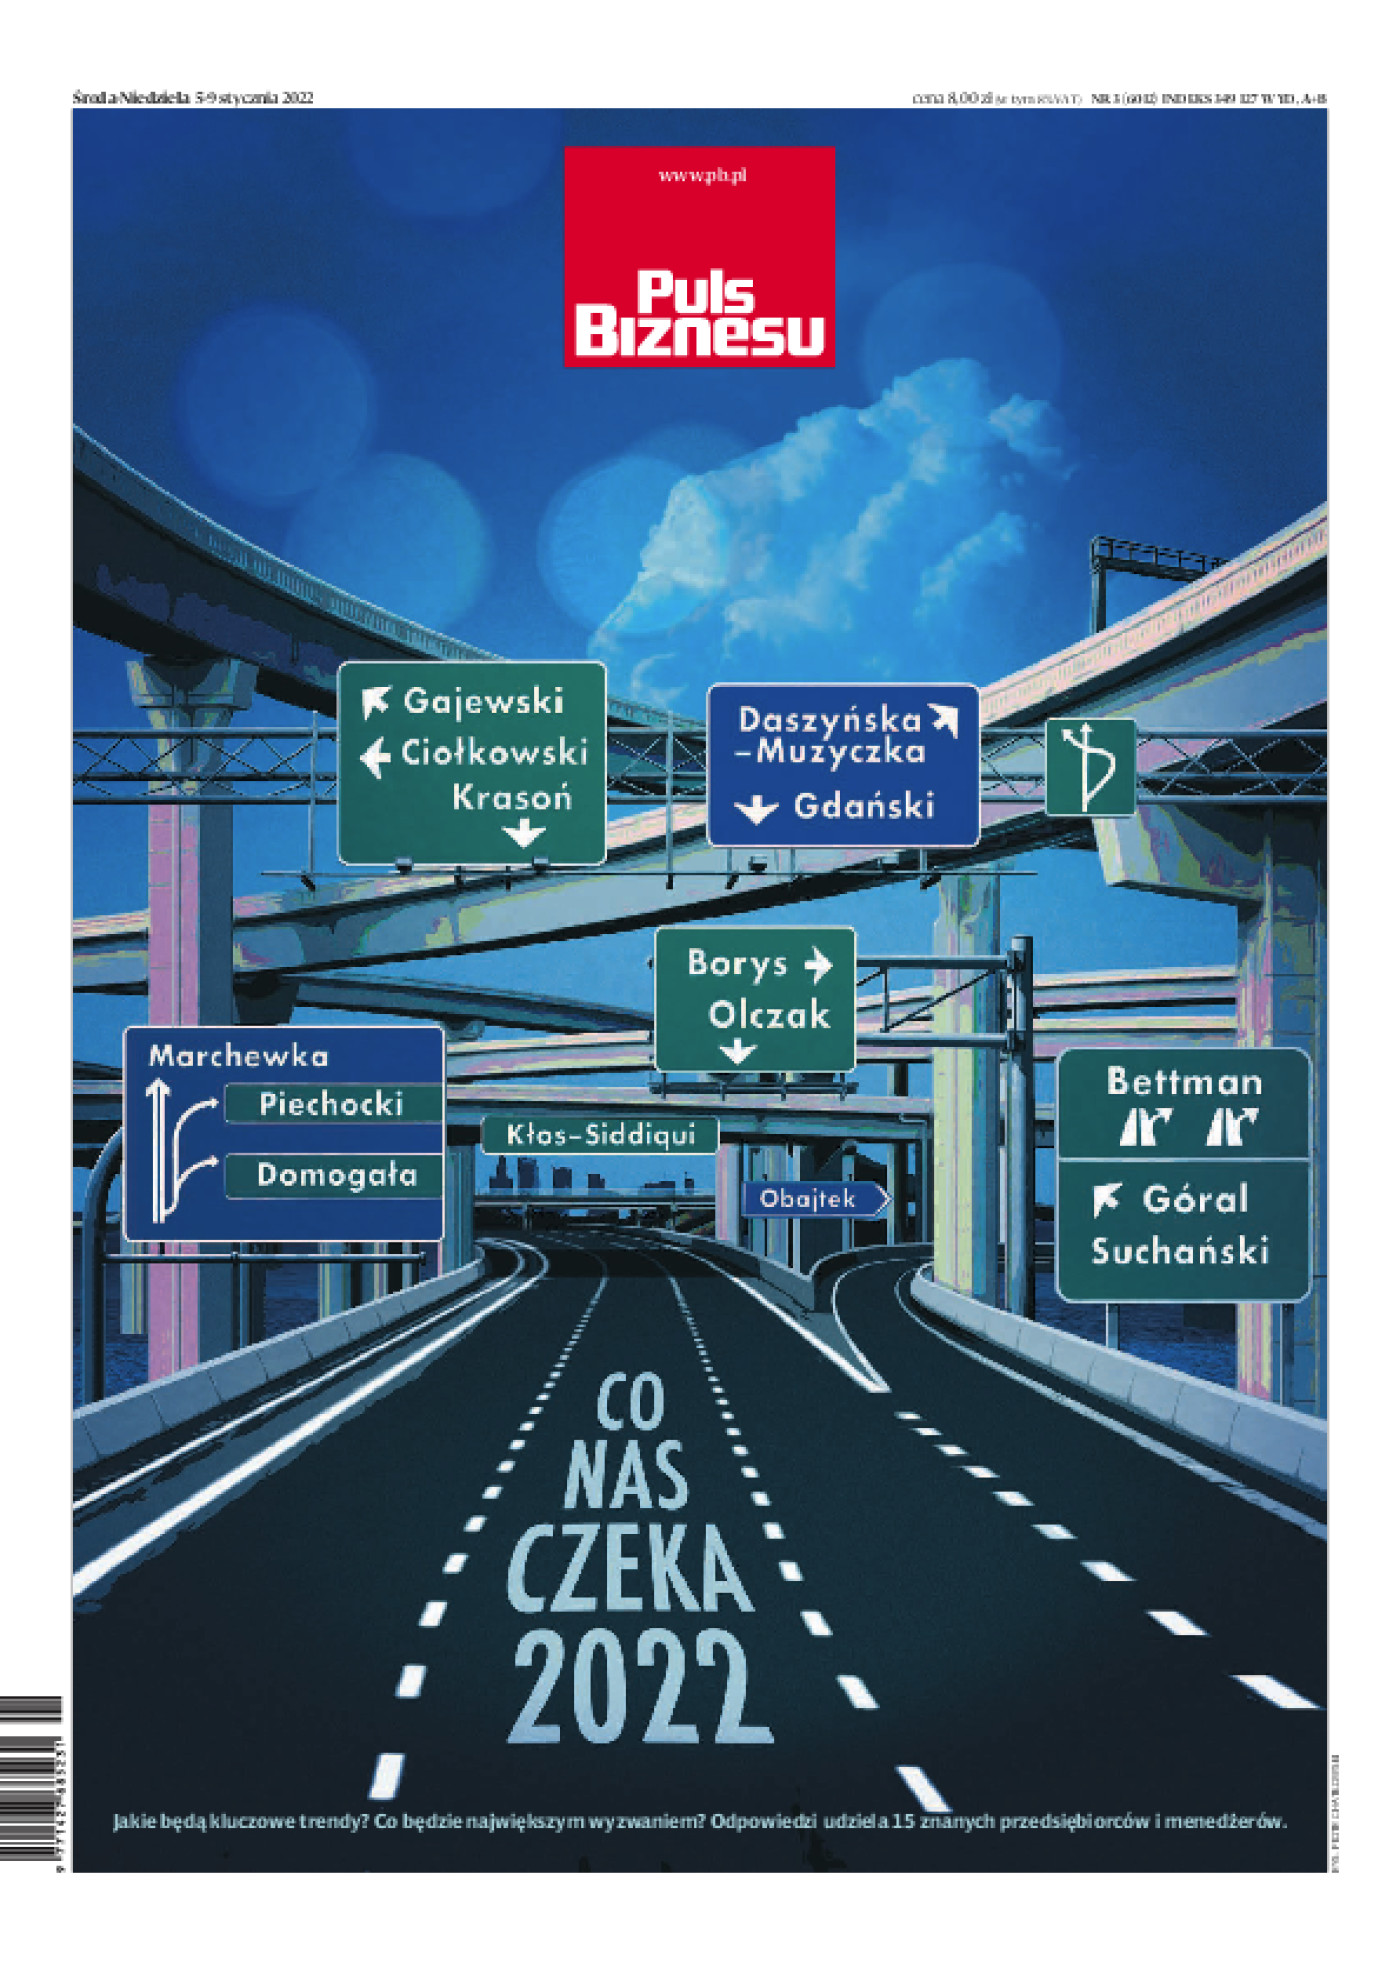 Puls Biznesu  - ePrasa, dziennik, czasopismo społeczno-informacyjne, polityka, gospodarka, biznes